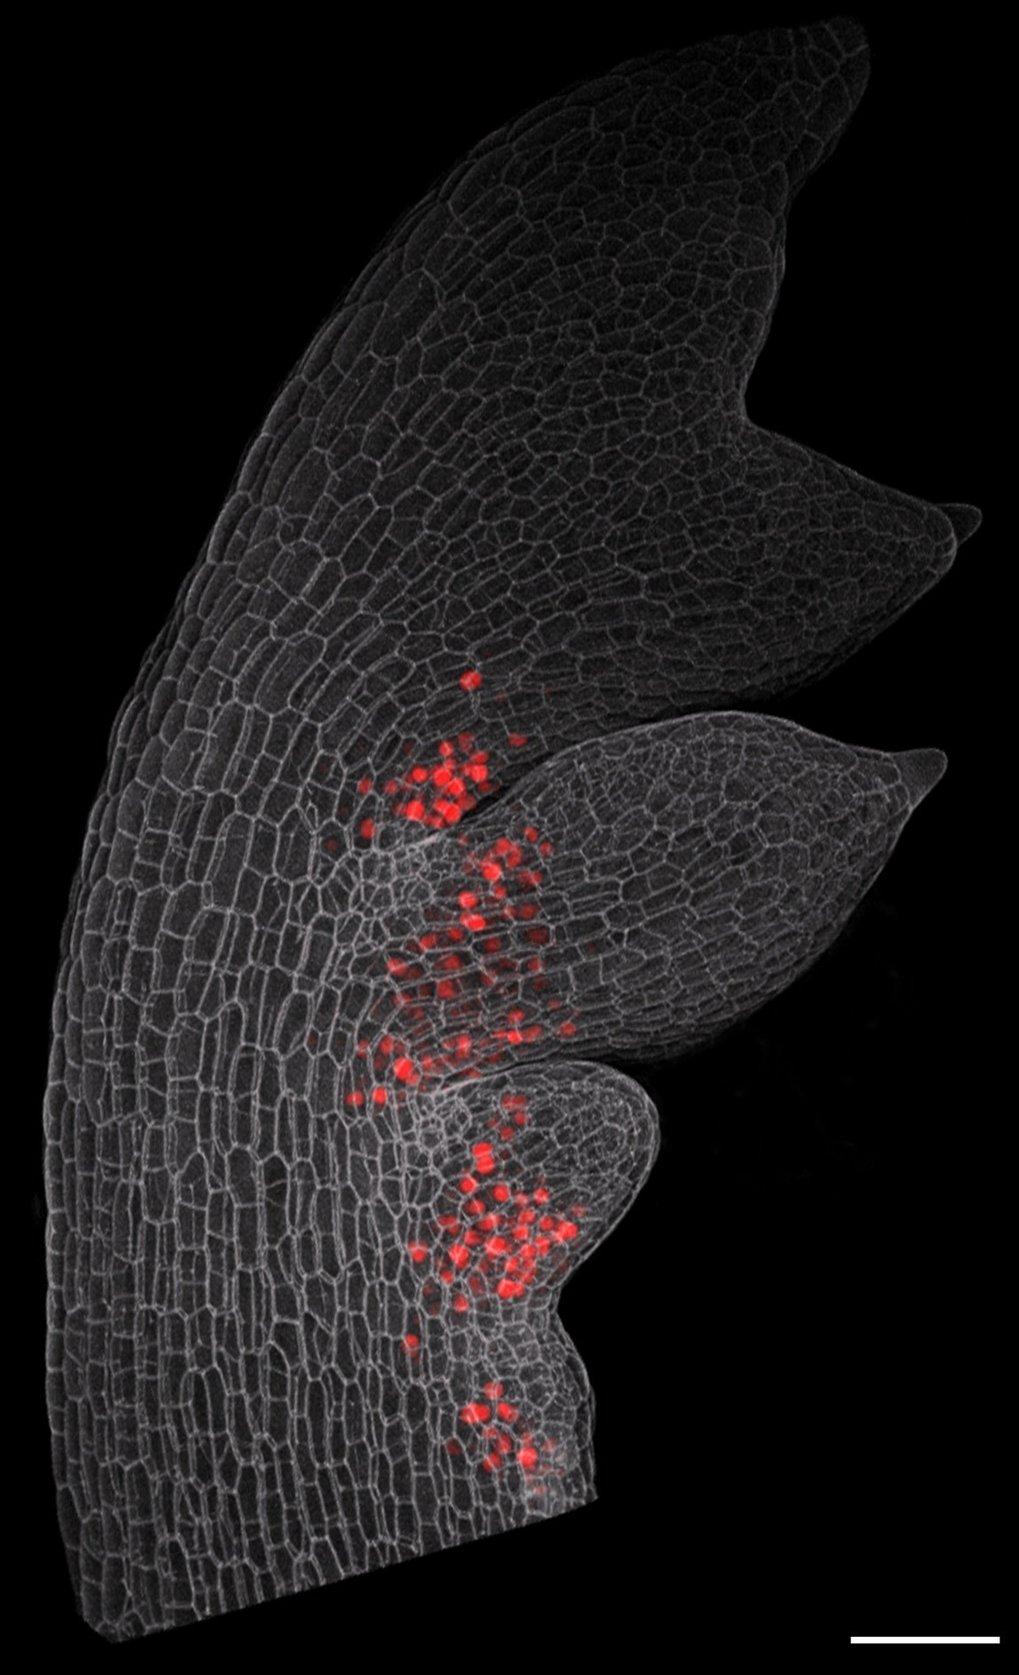 Mikroskopie-Bild eines jungen Blattes des Behaarten Schaumkrauts mit entstehenden Nebenblättern (Zellumrisse: grau). Das hier in roter Farbe dargestel